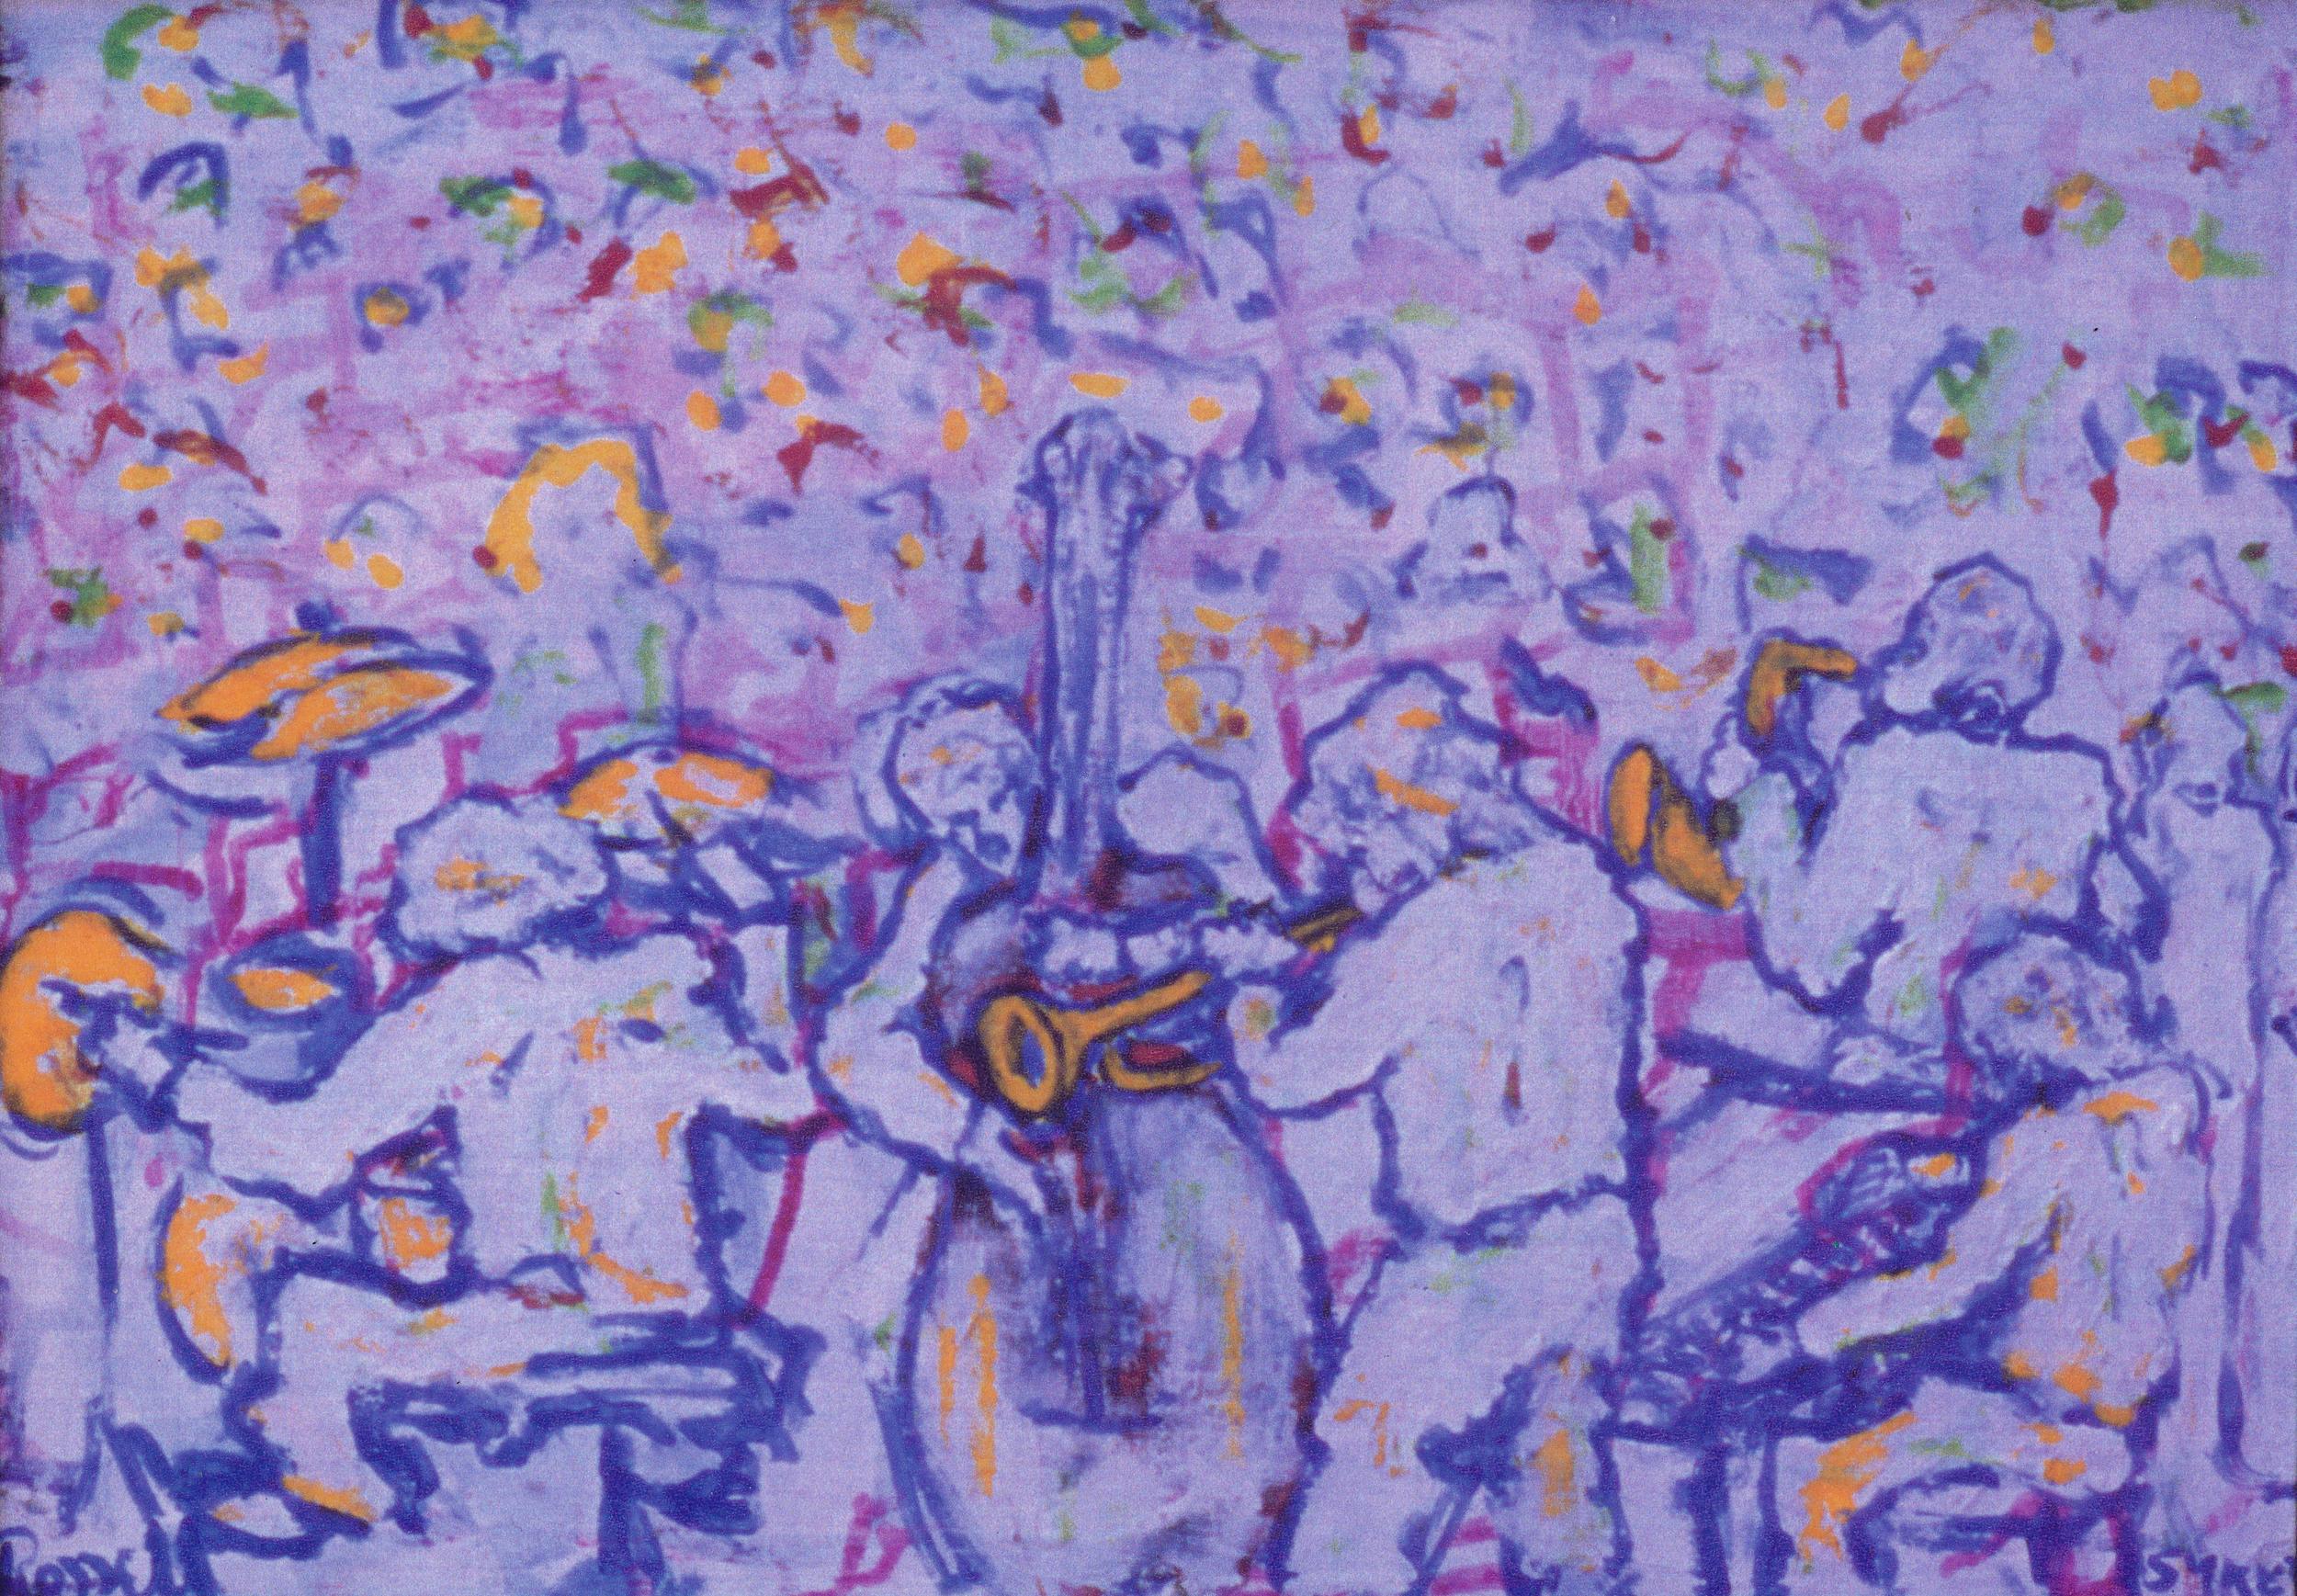 Festival 11, 1991